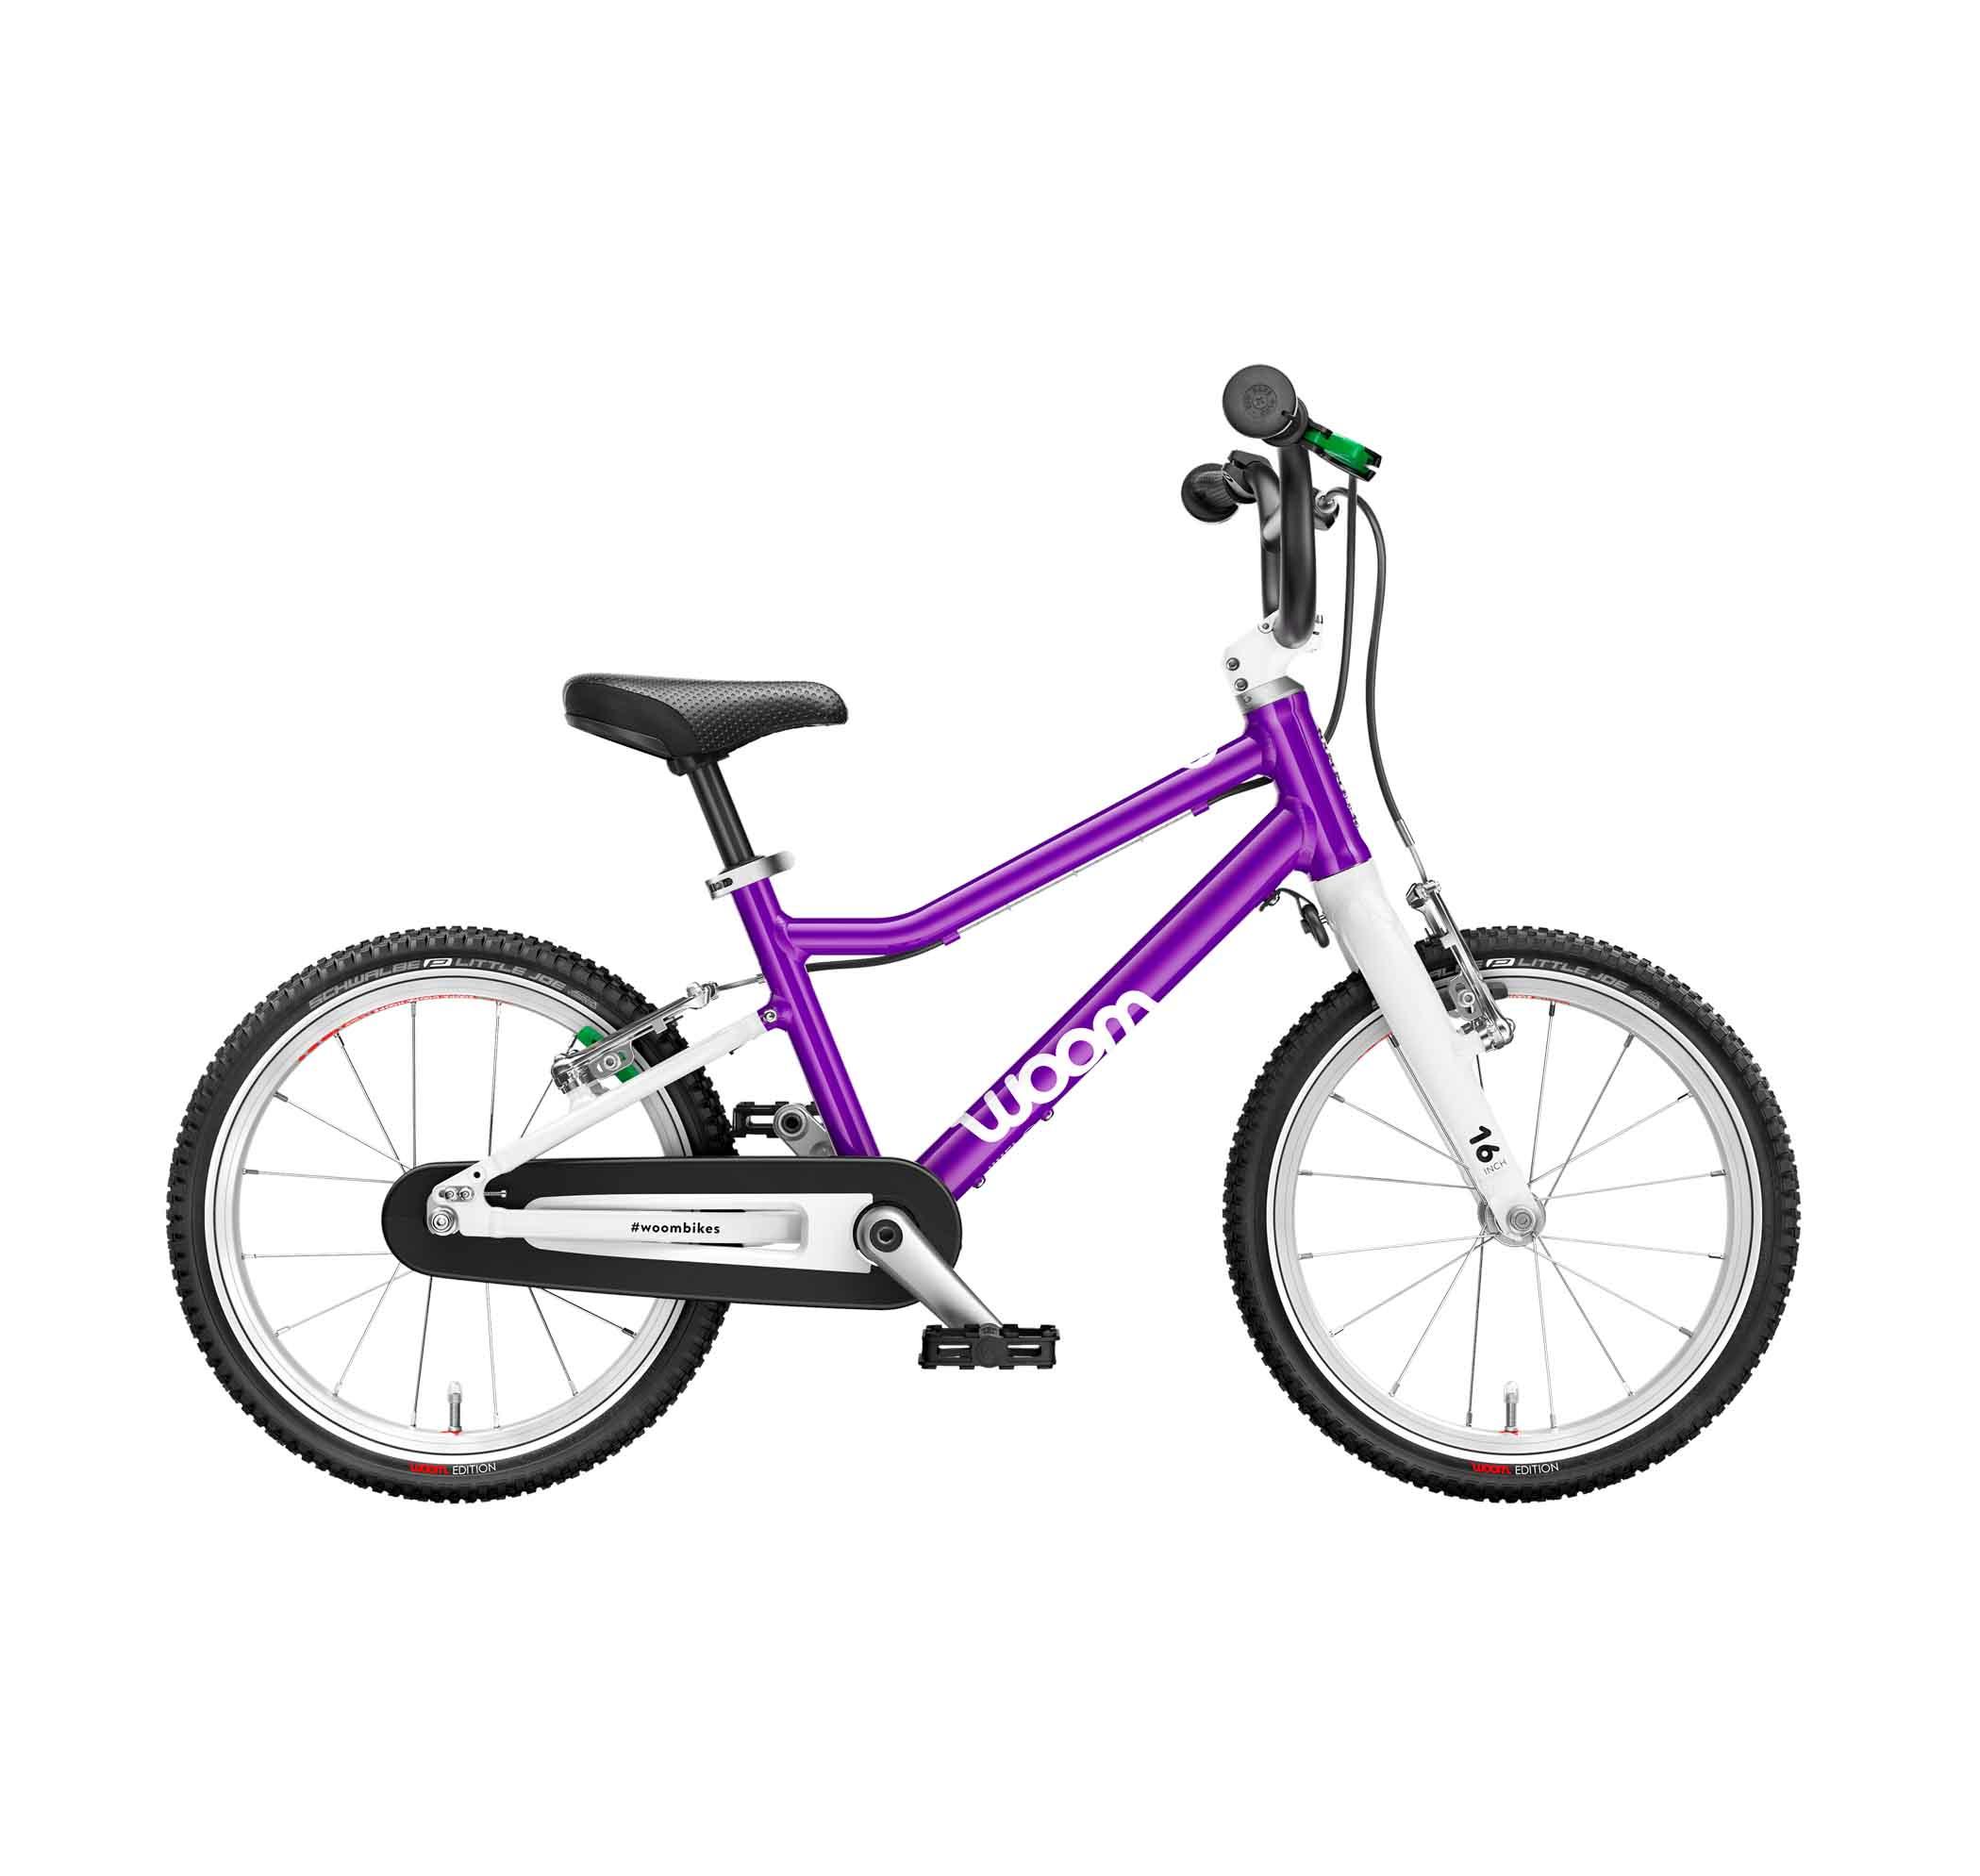 Woom_Rodeo_Bike_Woom_3_Purple